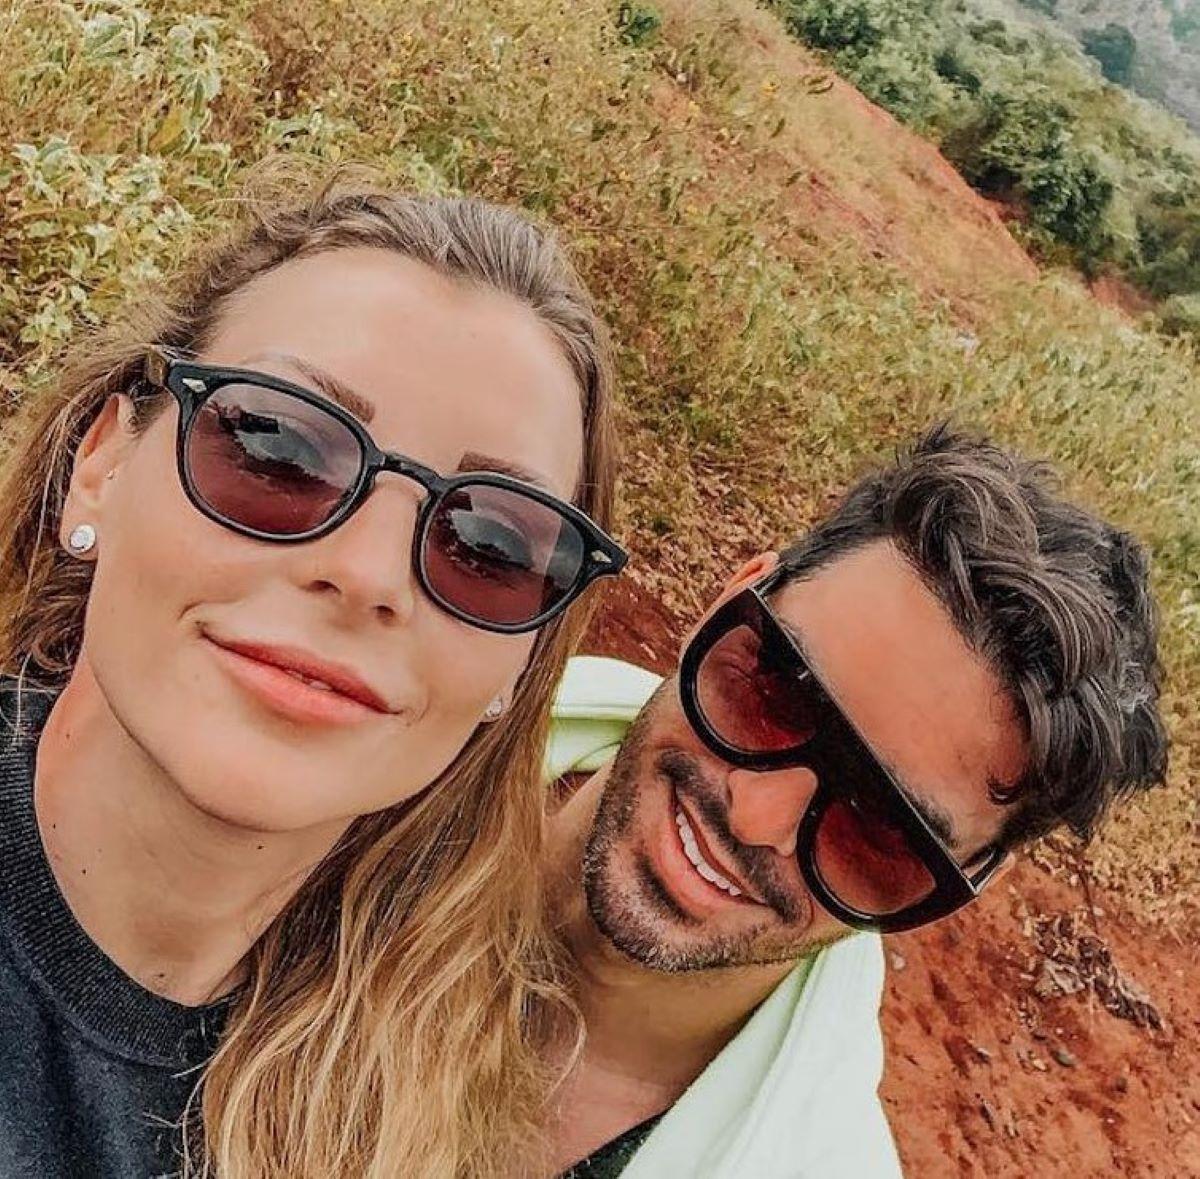 Tara Gabrieletto Cristian Gallella Dettaglio Instagram